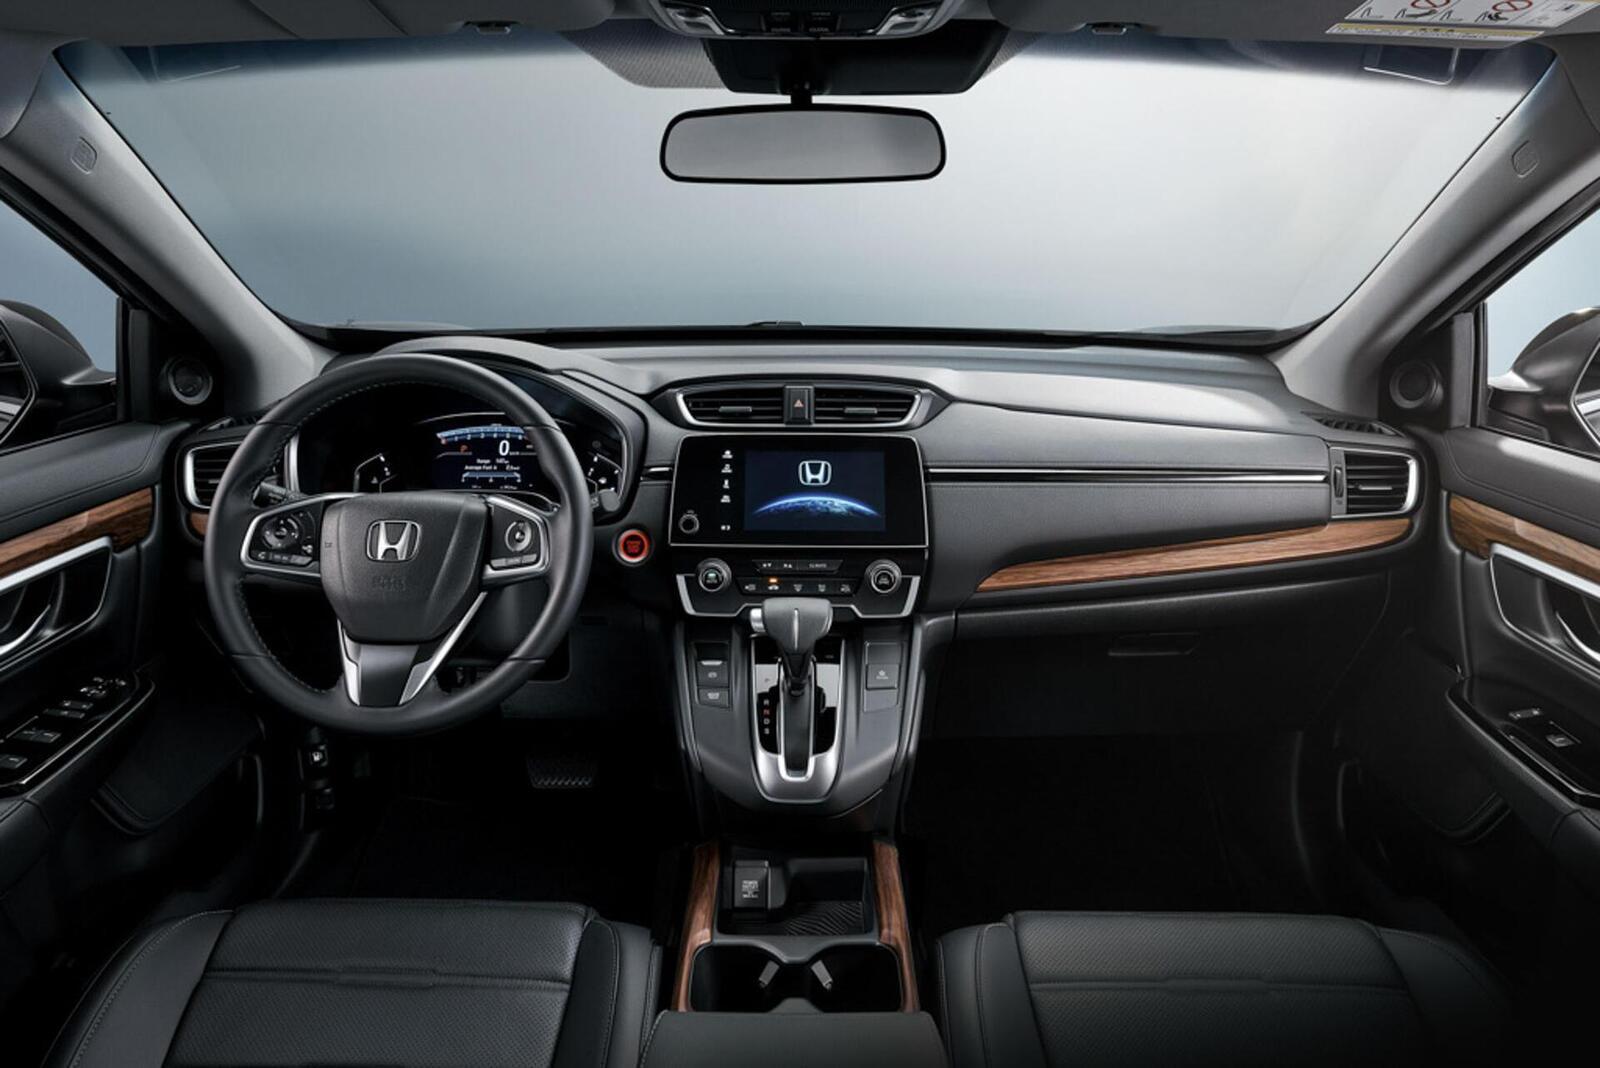 So sánh Hyundai Santa Fe 2019 với các đối thủ trong phân khúc SUV - Hình 14